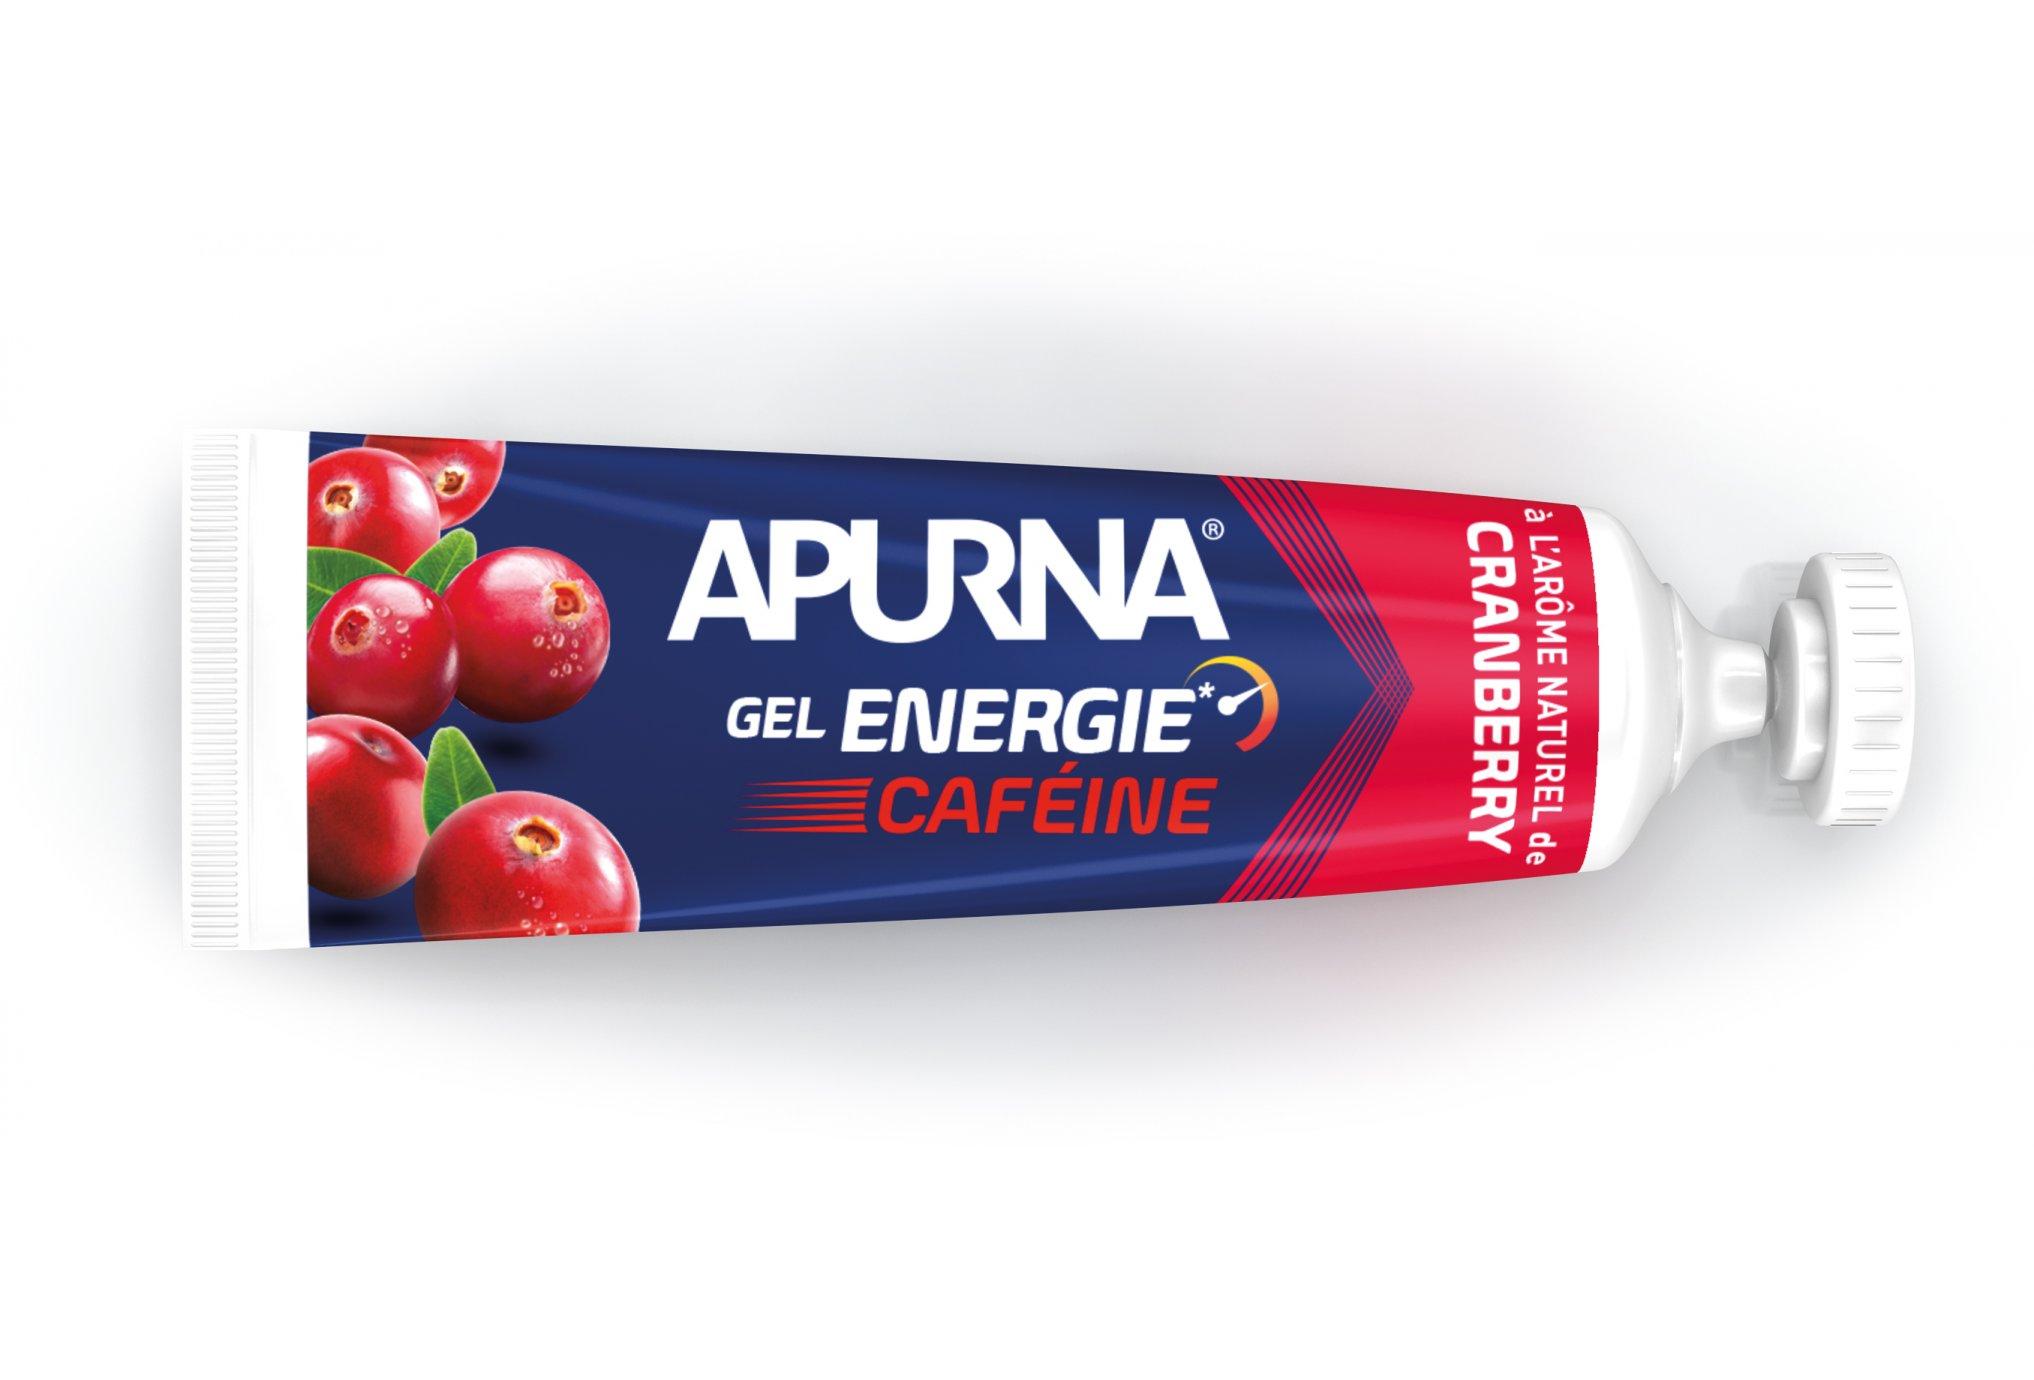 Apurna Gel energie caféine - cranberry diététique gels